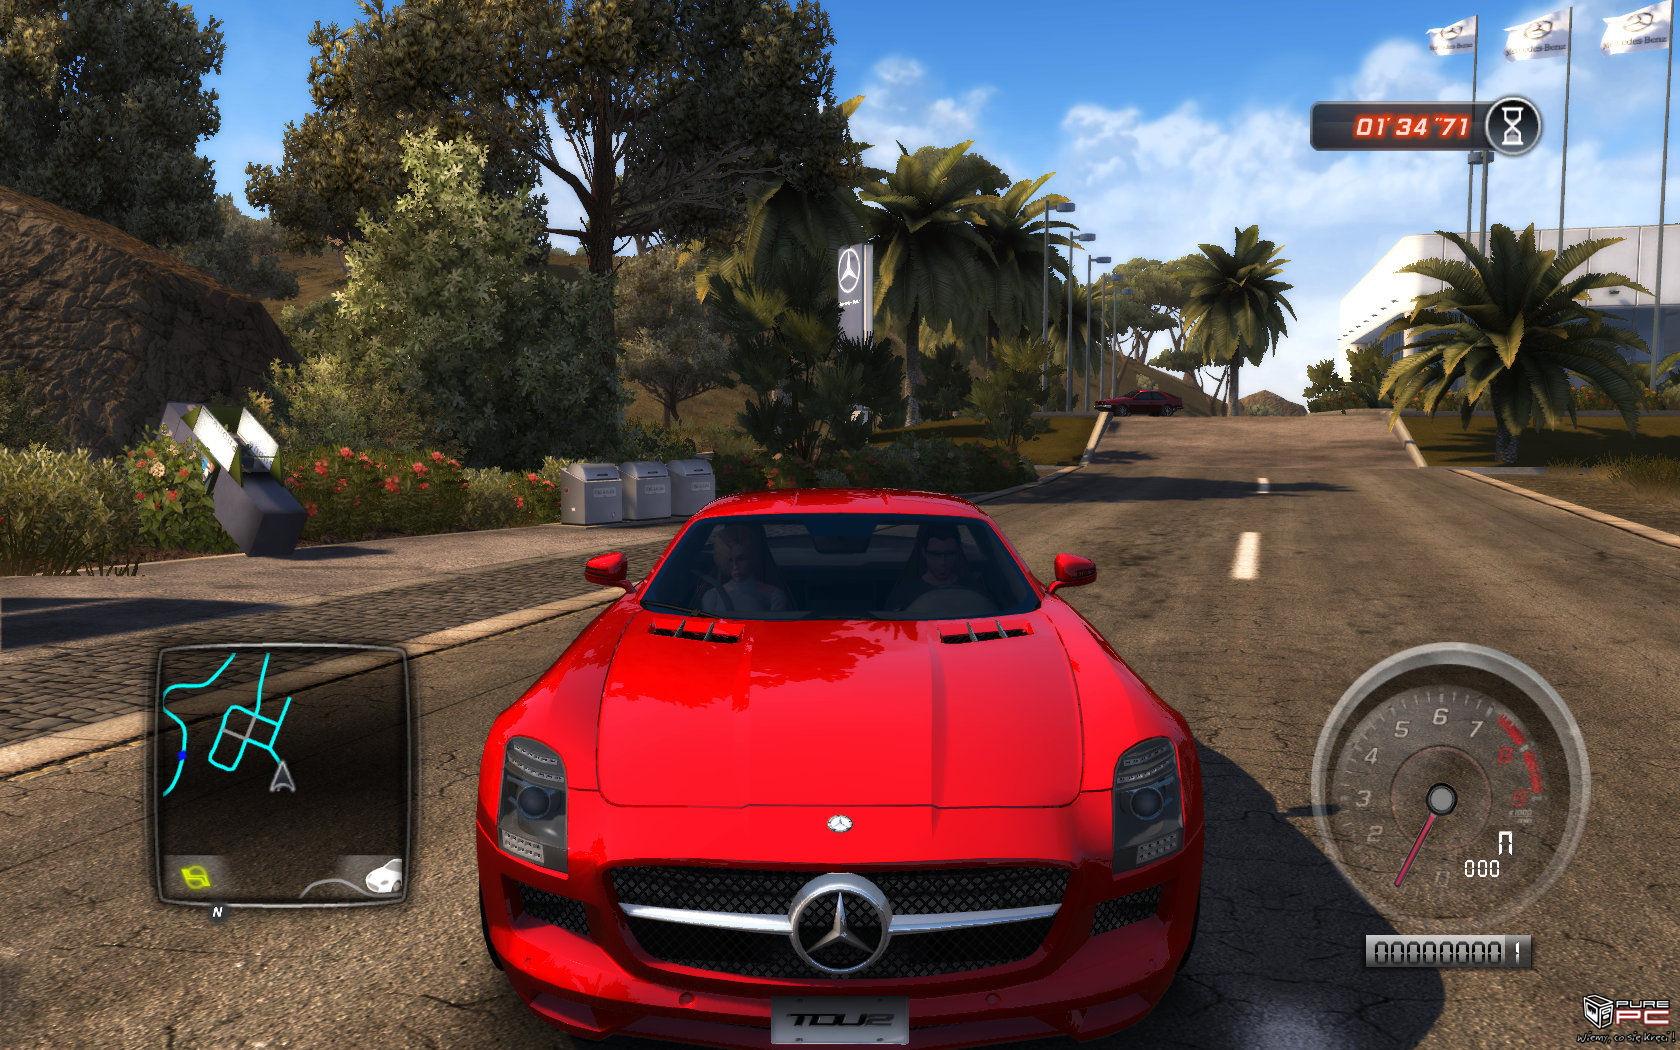 Generalnie, Test Drive Unlimited 2 oferuje więcej wszystkiego, zaś podstawo